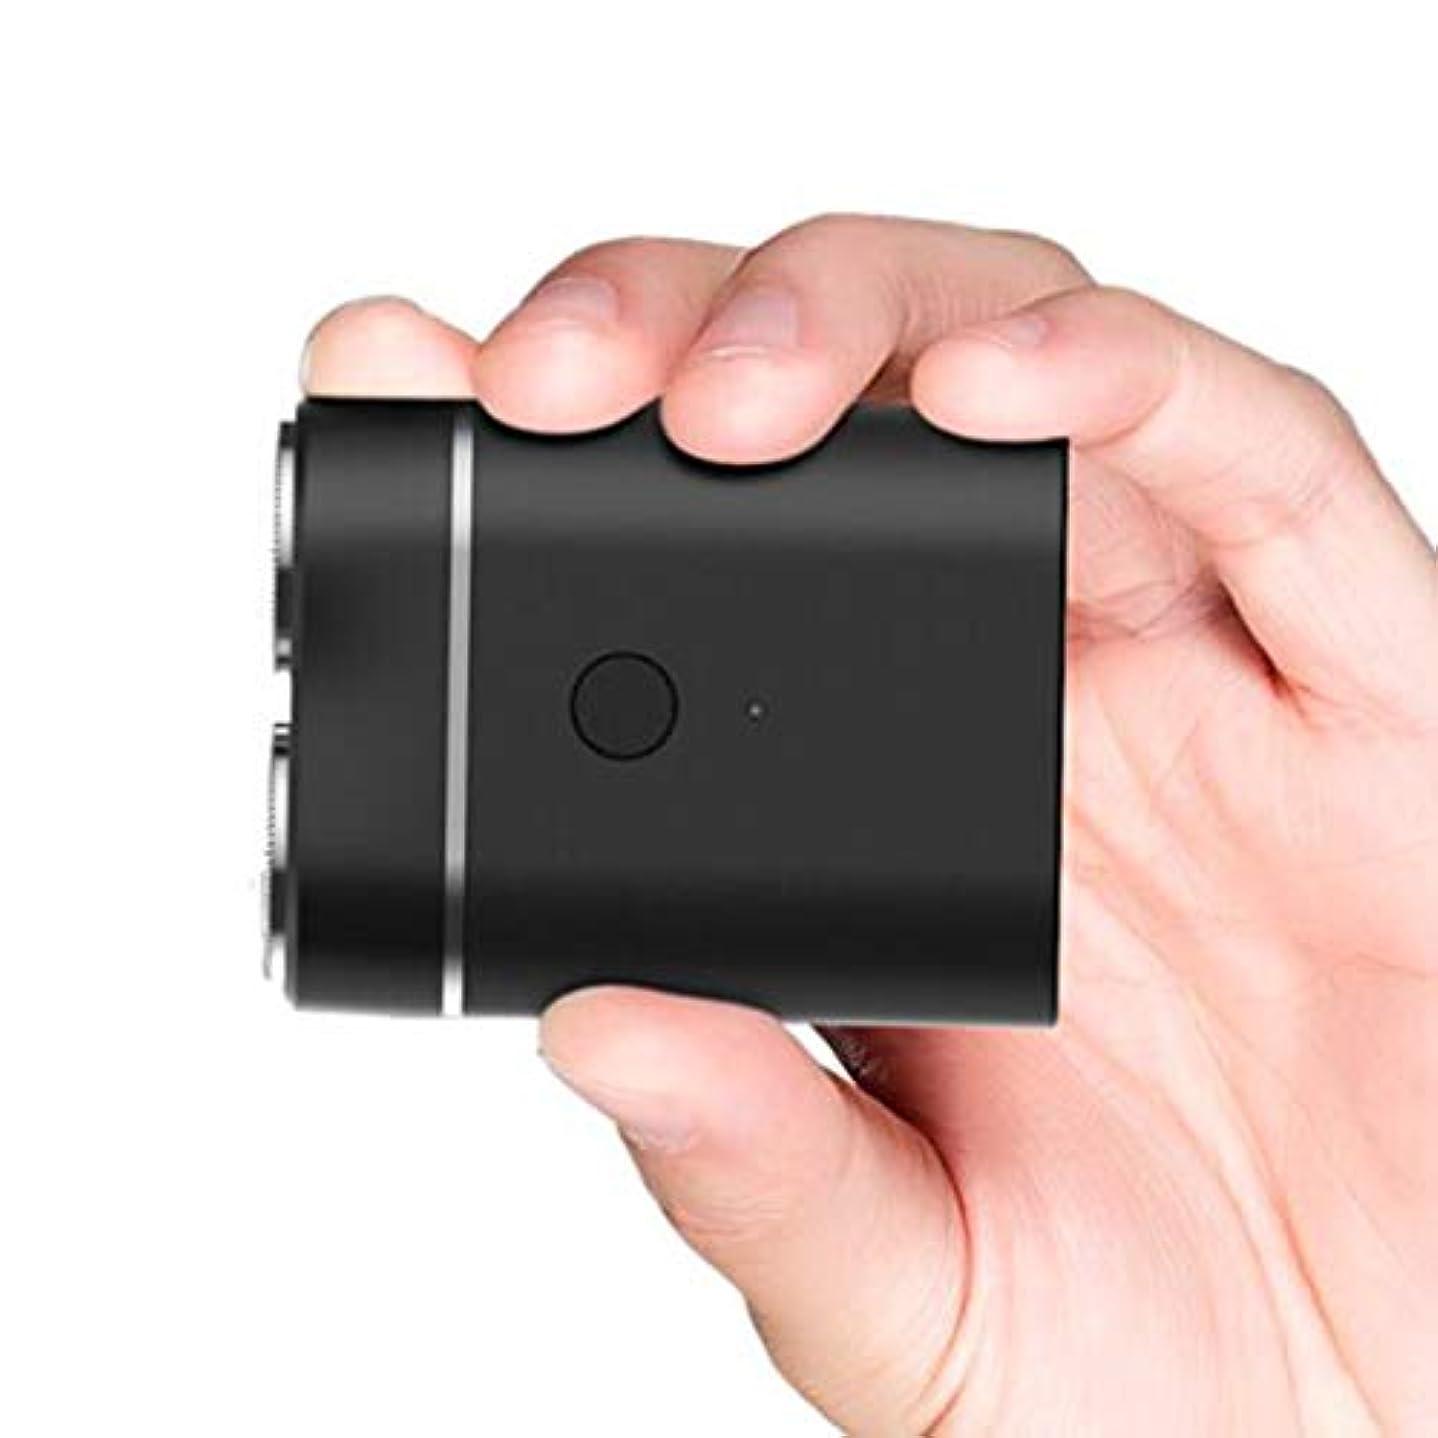 不良品辛な構成ひげそり 電動 メンズシェーバー,USB充電式 髭剃り 電気シェーバー コンパクト IPX7防水 電気シェーバー 回転式 お風呂剃りドライ両用 人気プレゼント